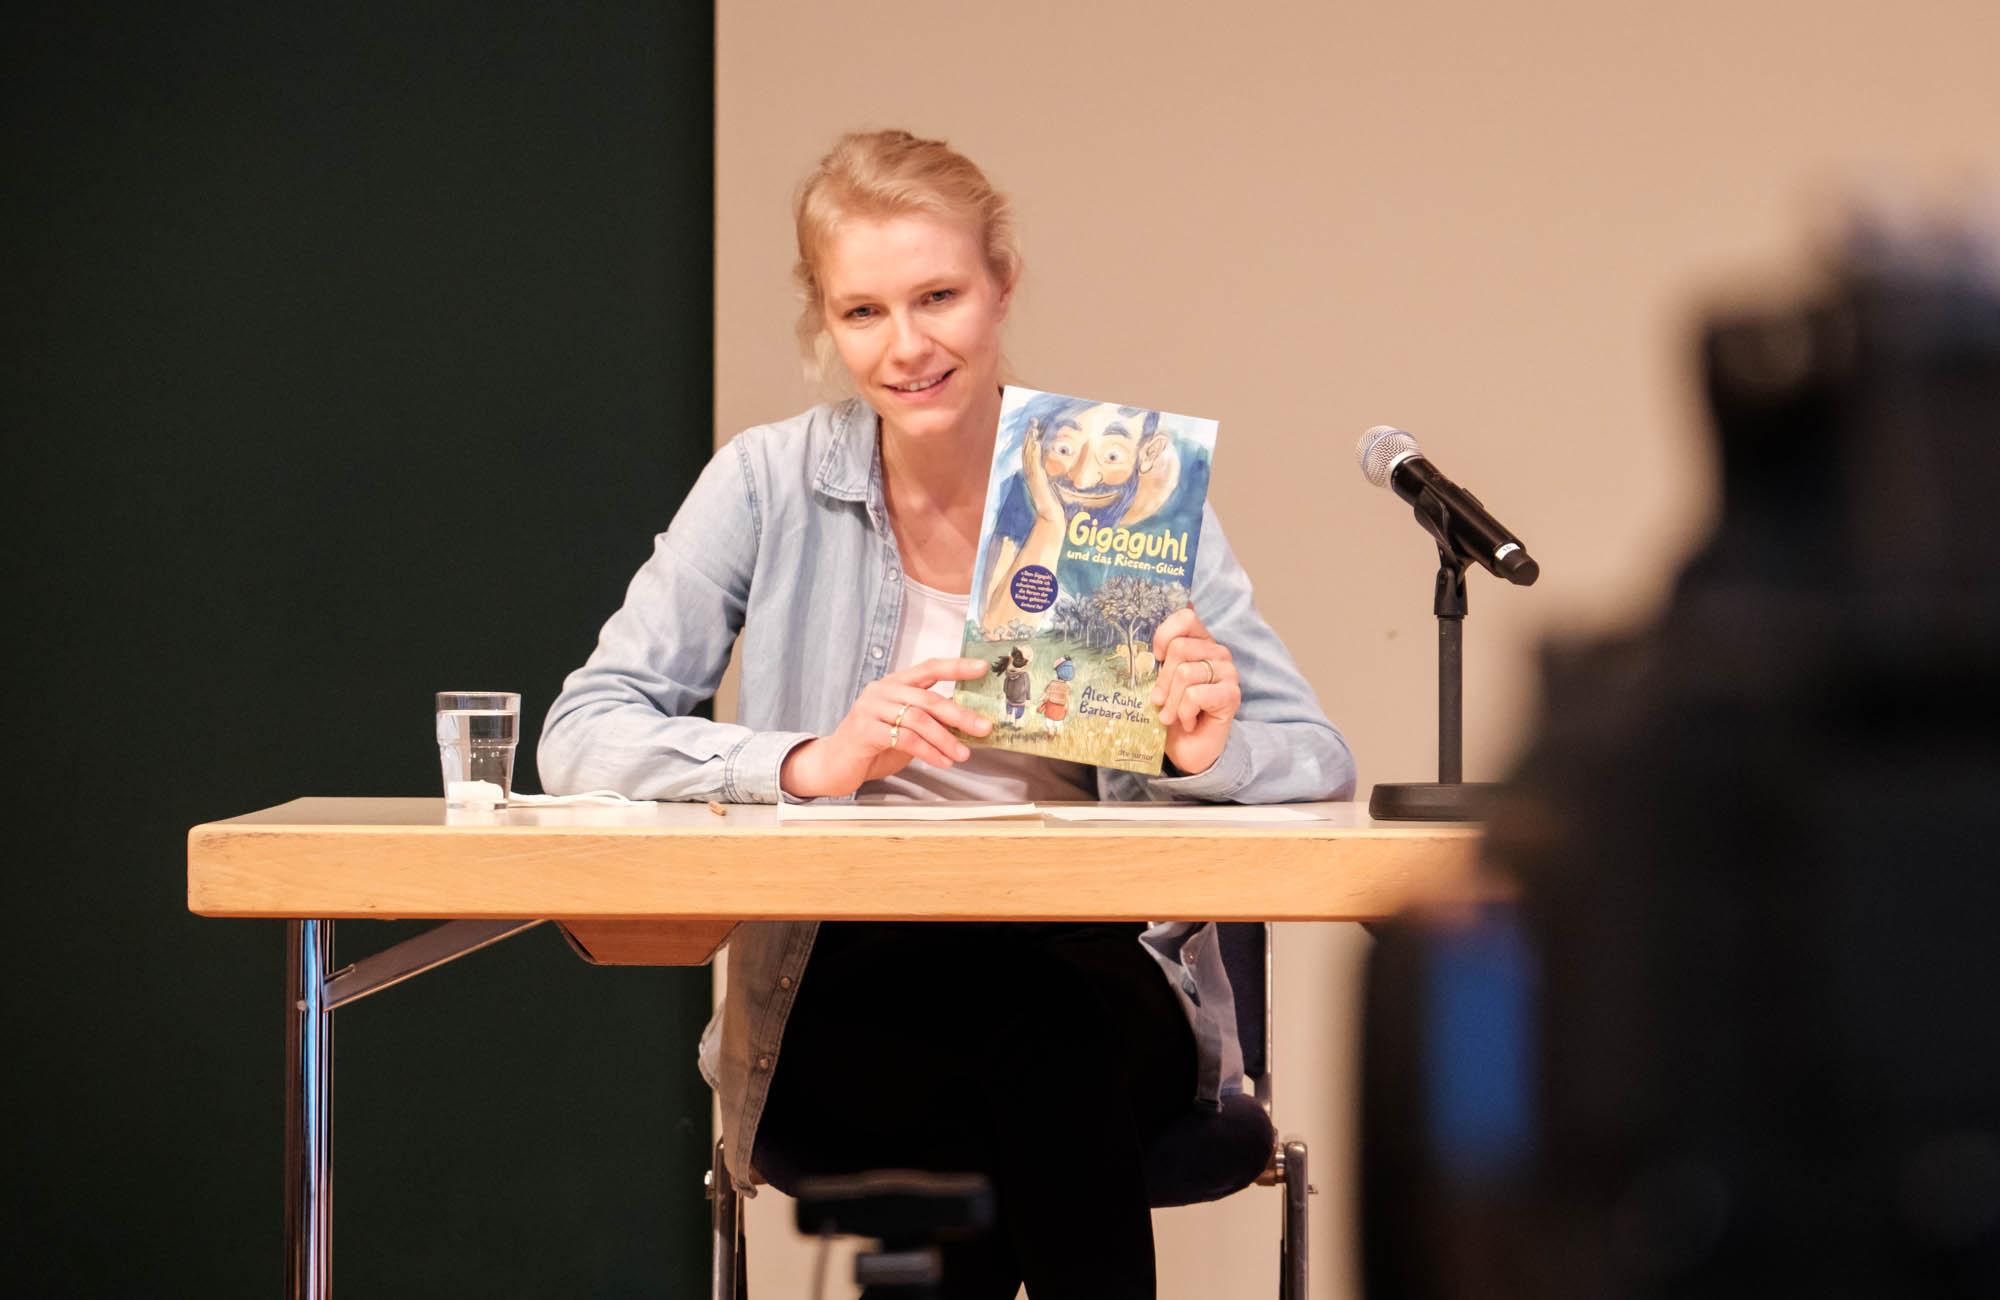 Alex Rühle, Barbara Yelin: Gigaguhl und das Riesen-Glück <br/>(c) Sebastian Wenzel